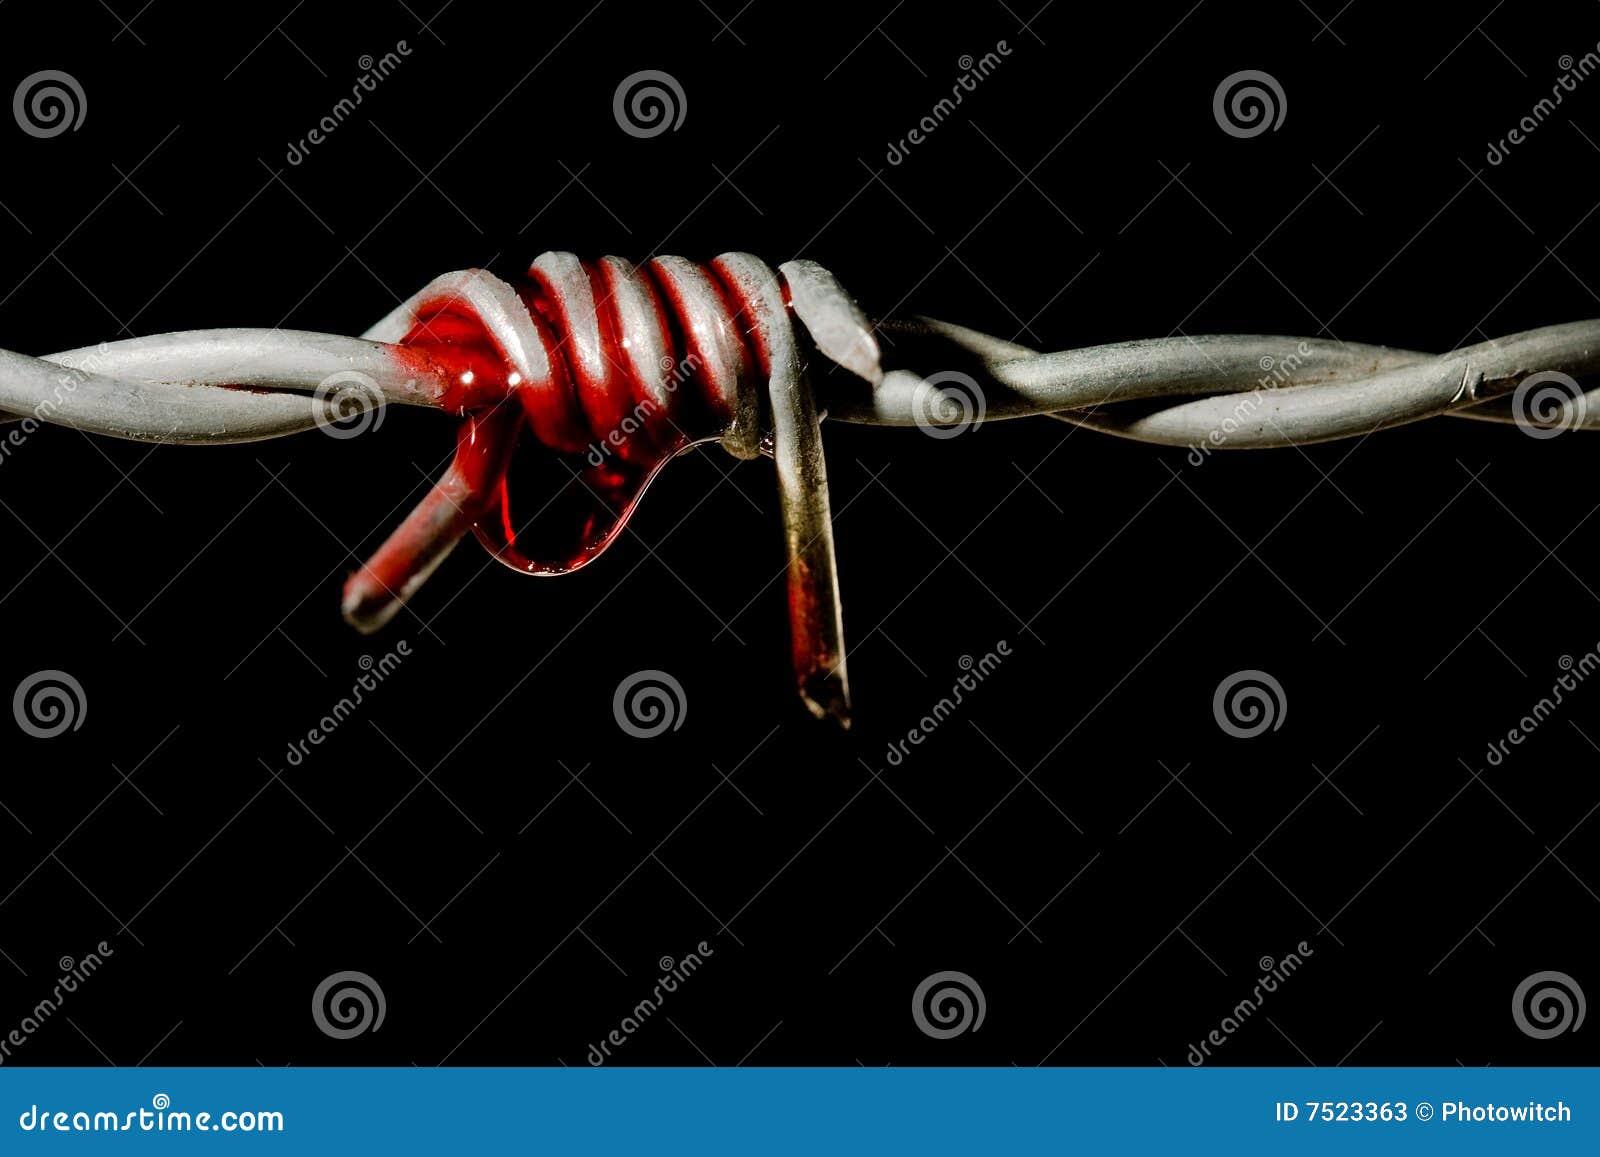 Simbolo di tortura